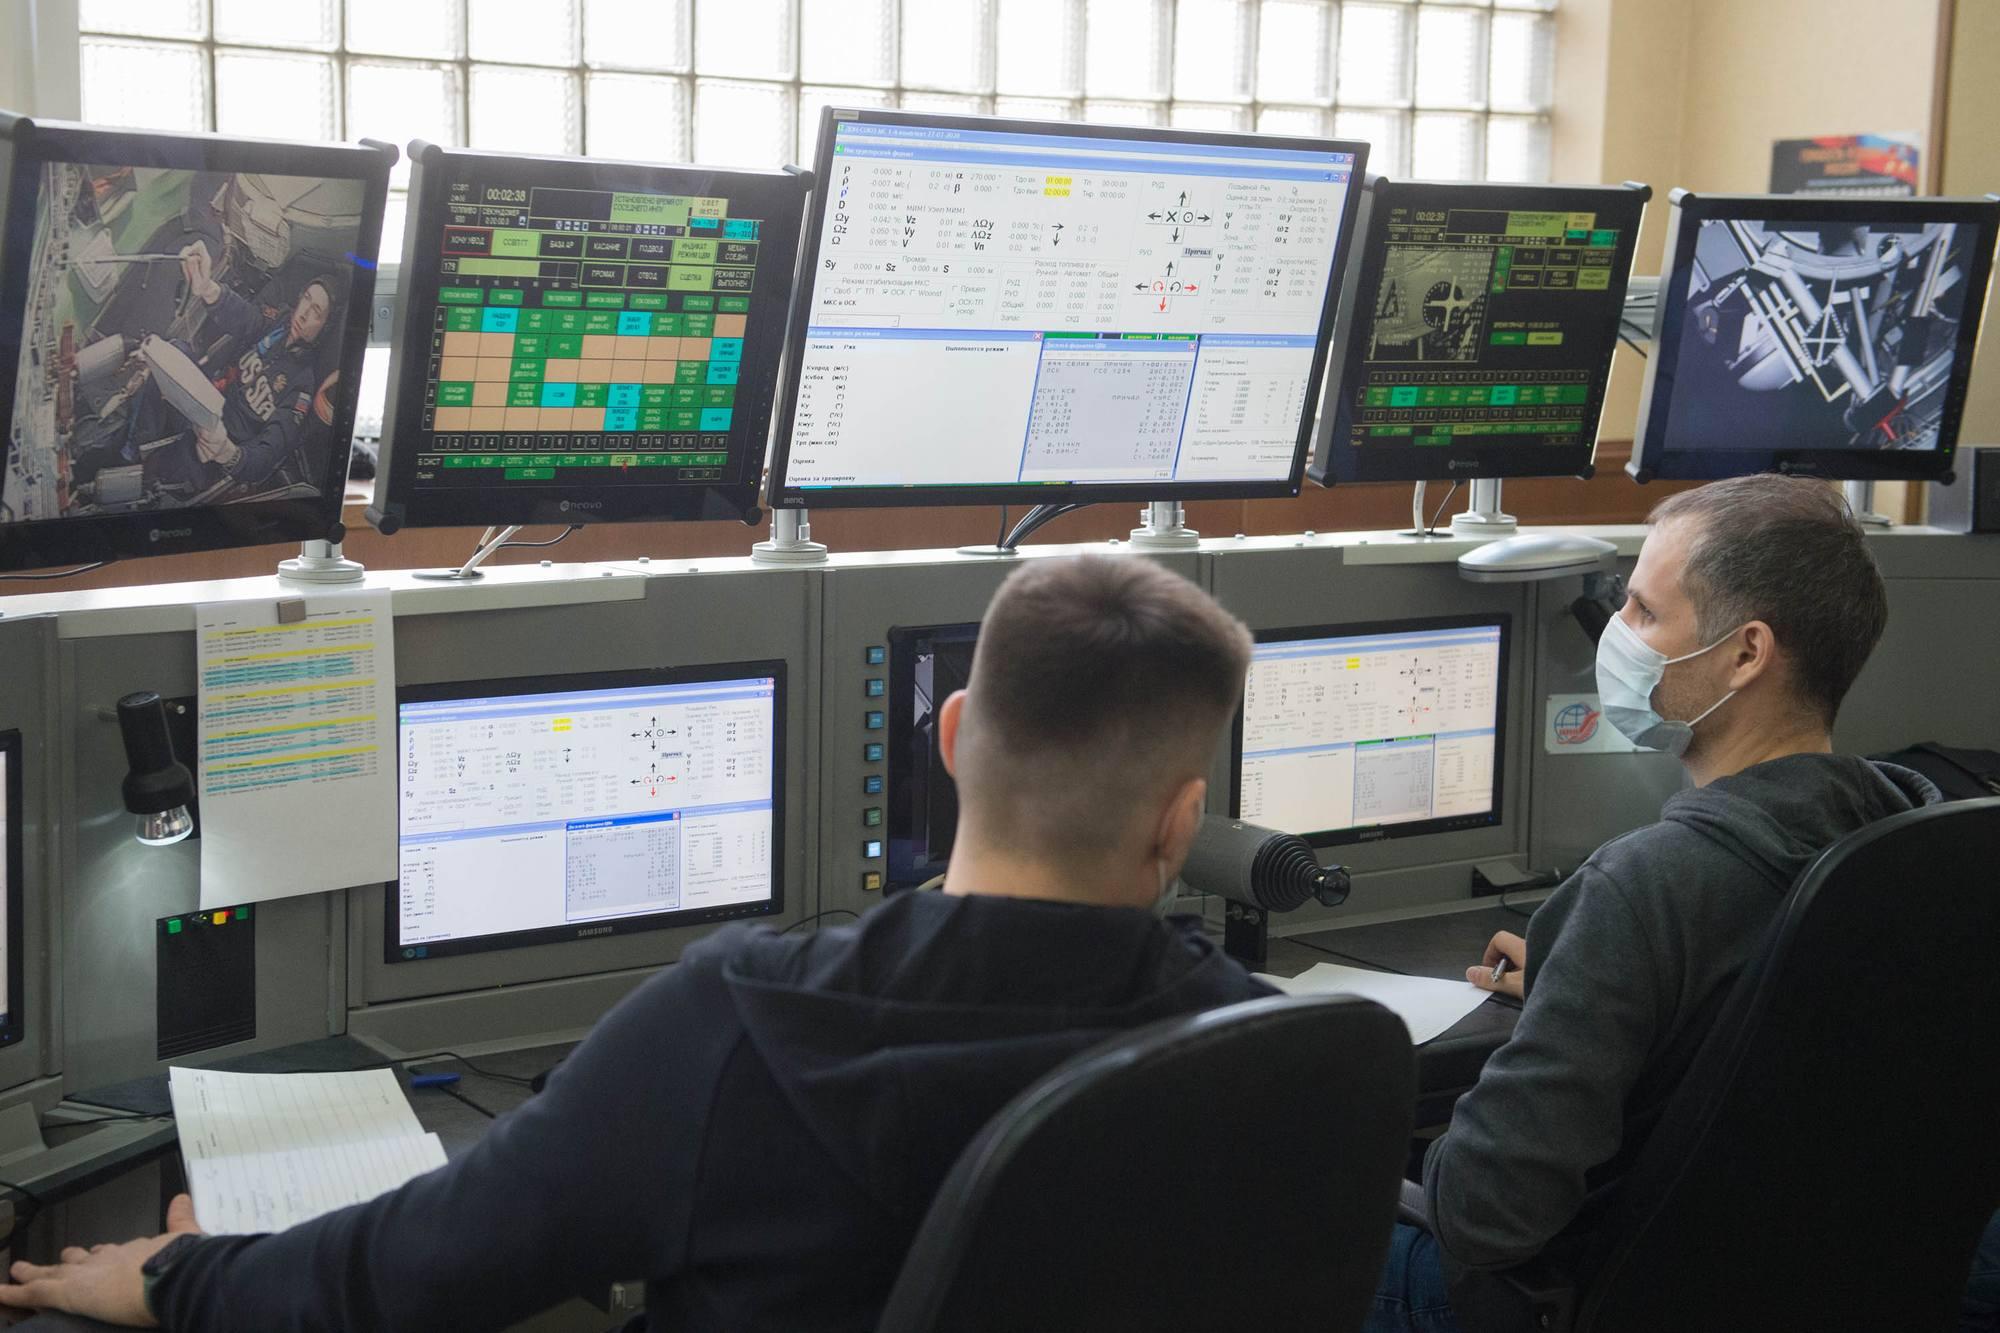 Les contrôleurs surveillent l'activité du cosmonaute sur le simulateur de rendez-vous manuel.